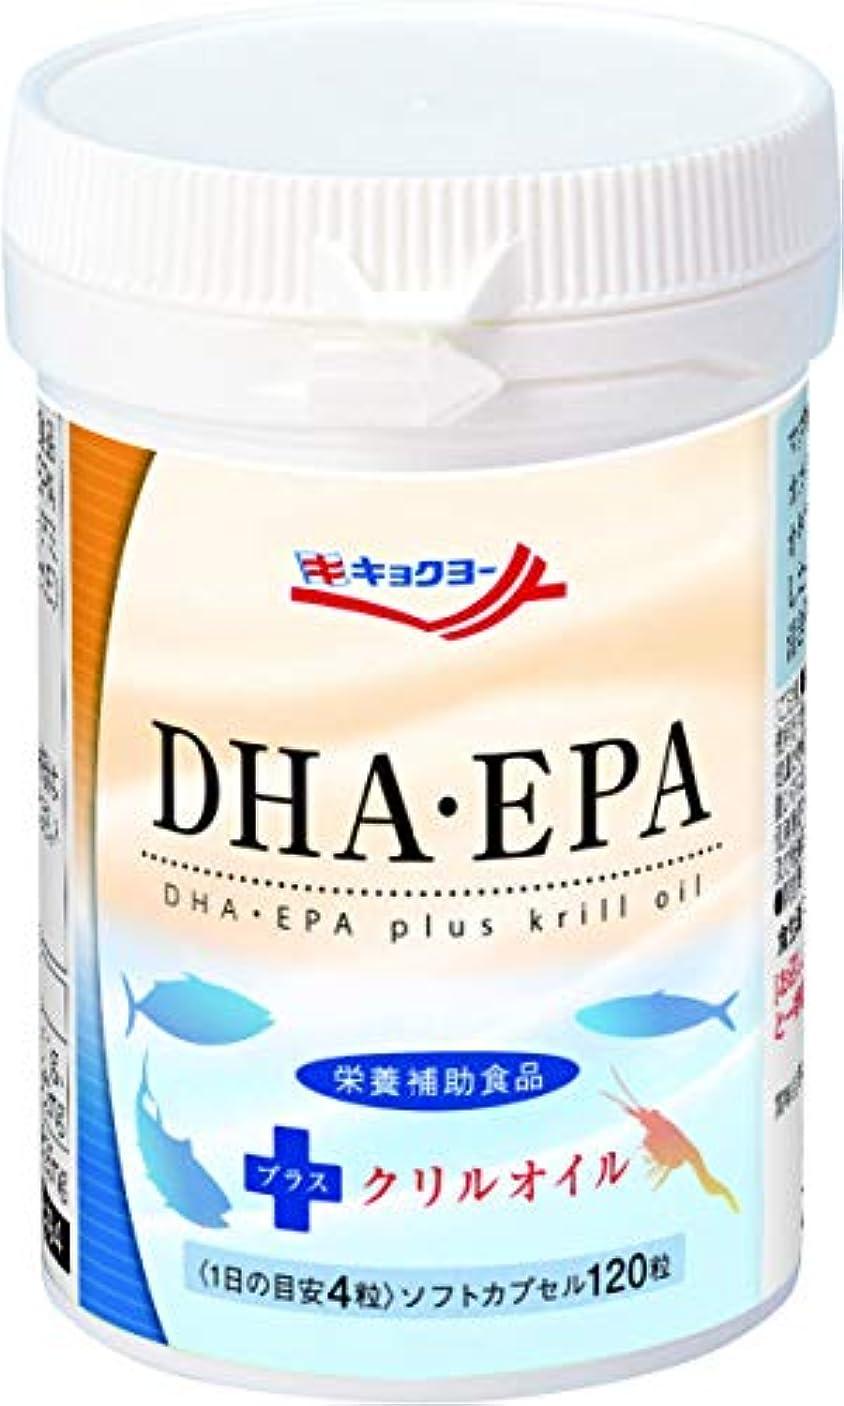 宿る歌海里DHA?EPA プラス クリルオイル